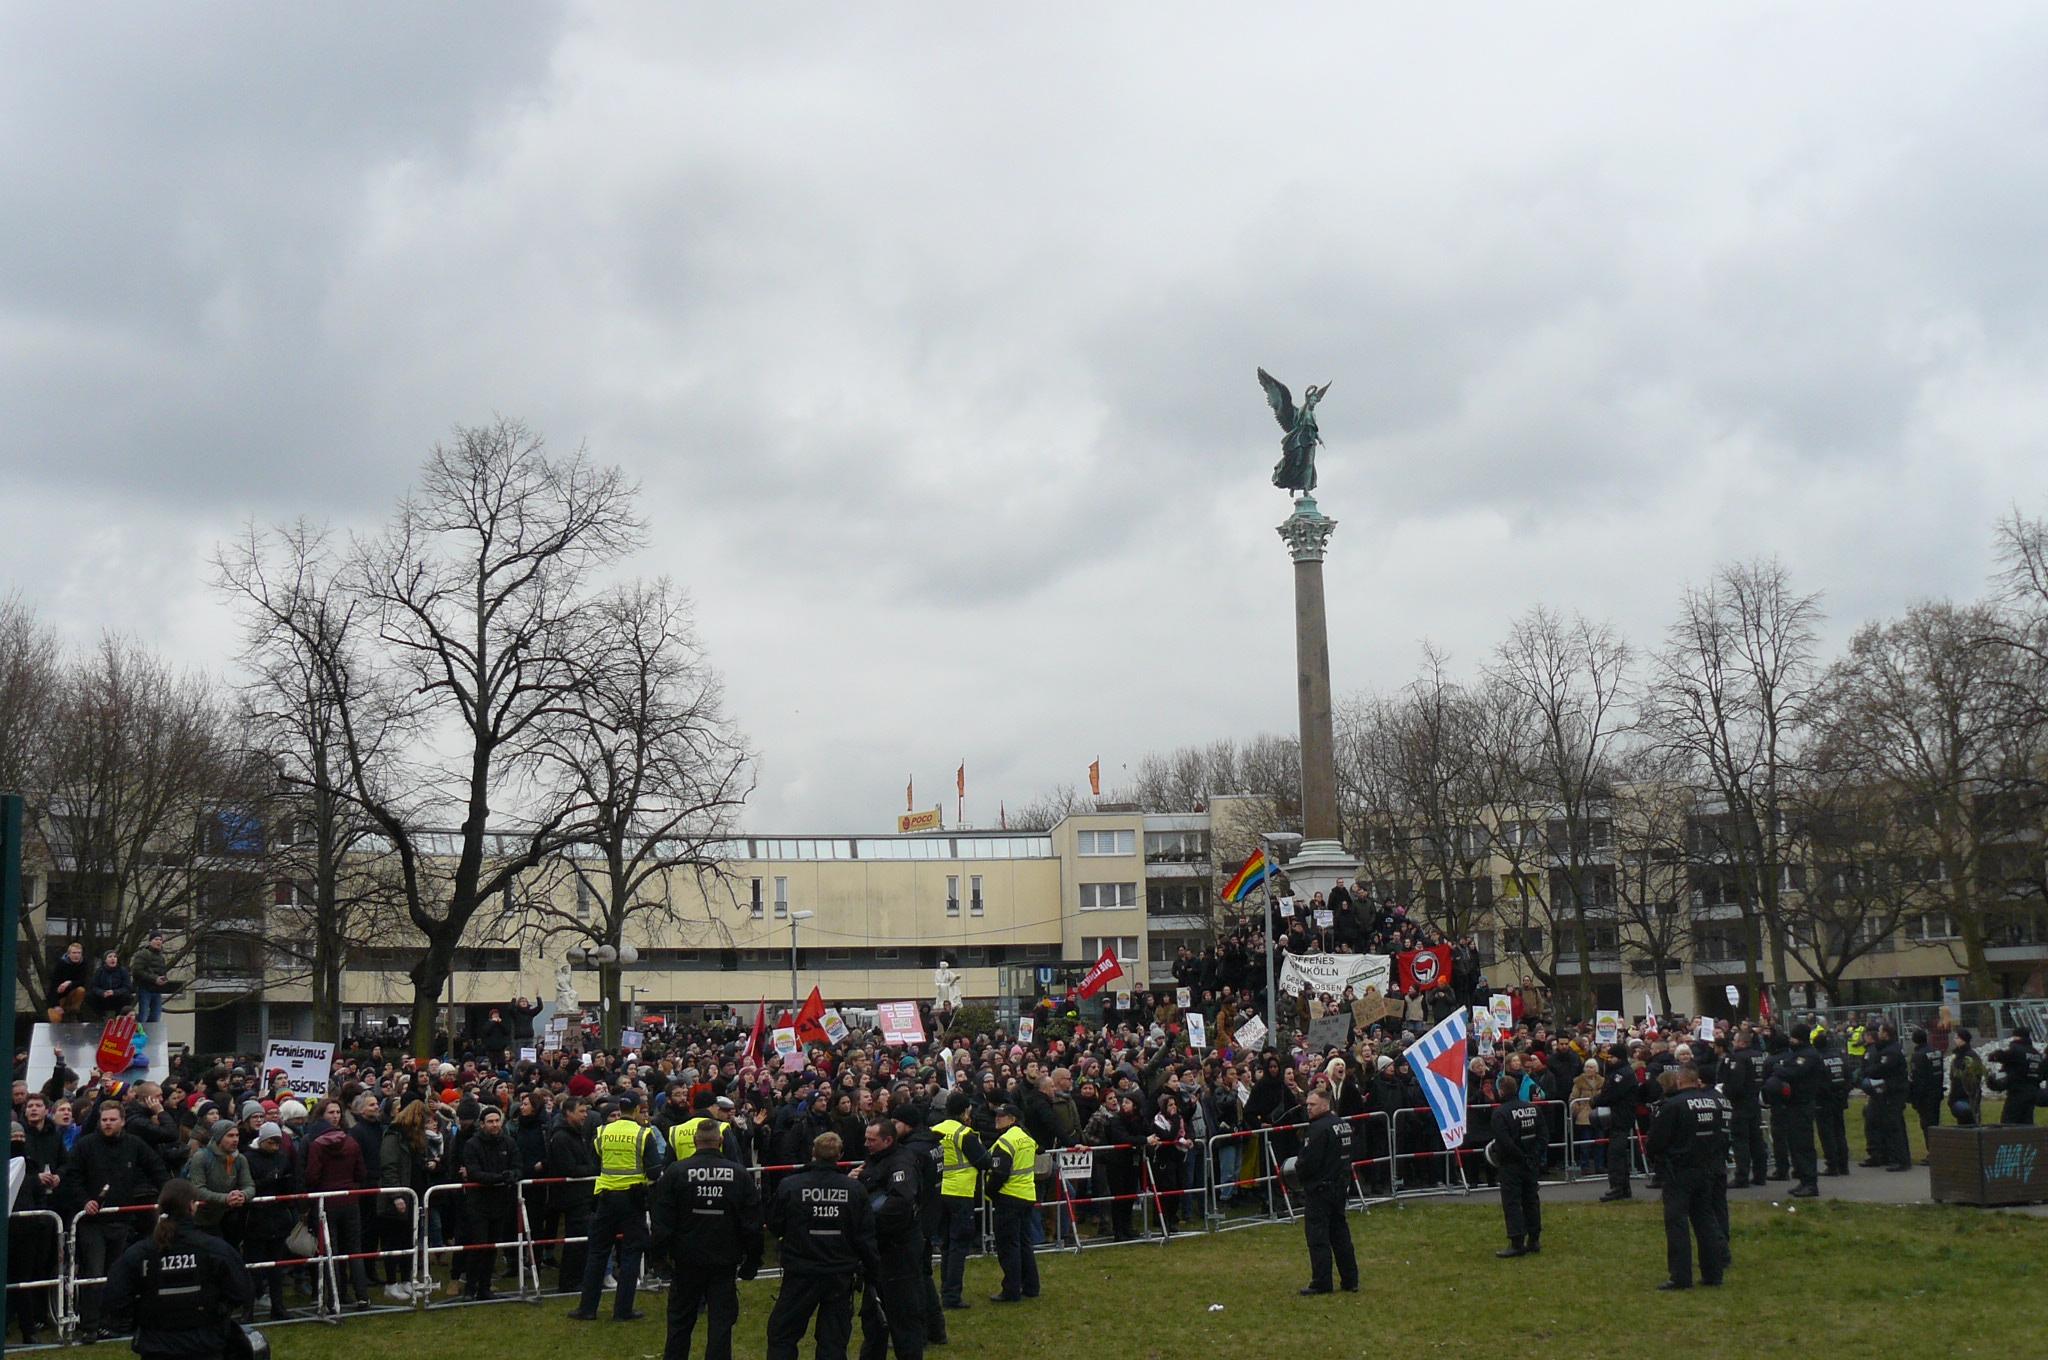 Ein guter Tag für den Feminismus: Proteste gegen AfD-Wahn in Kreuzberg